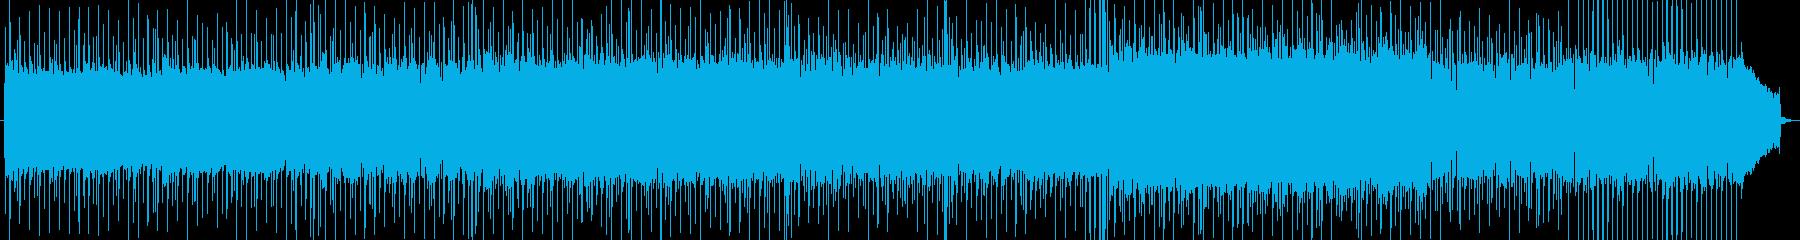 熱いロックンロールなバンドサウンドの再生済みの波形